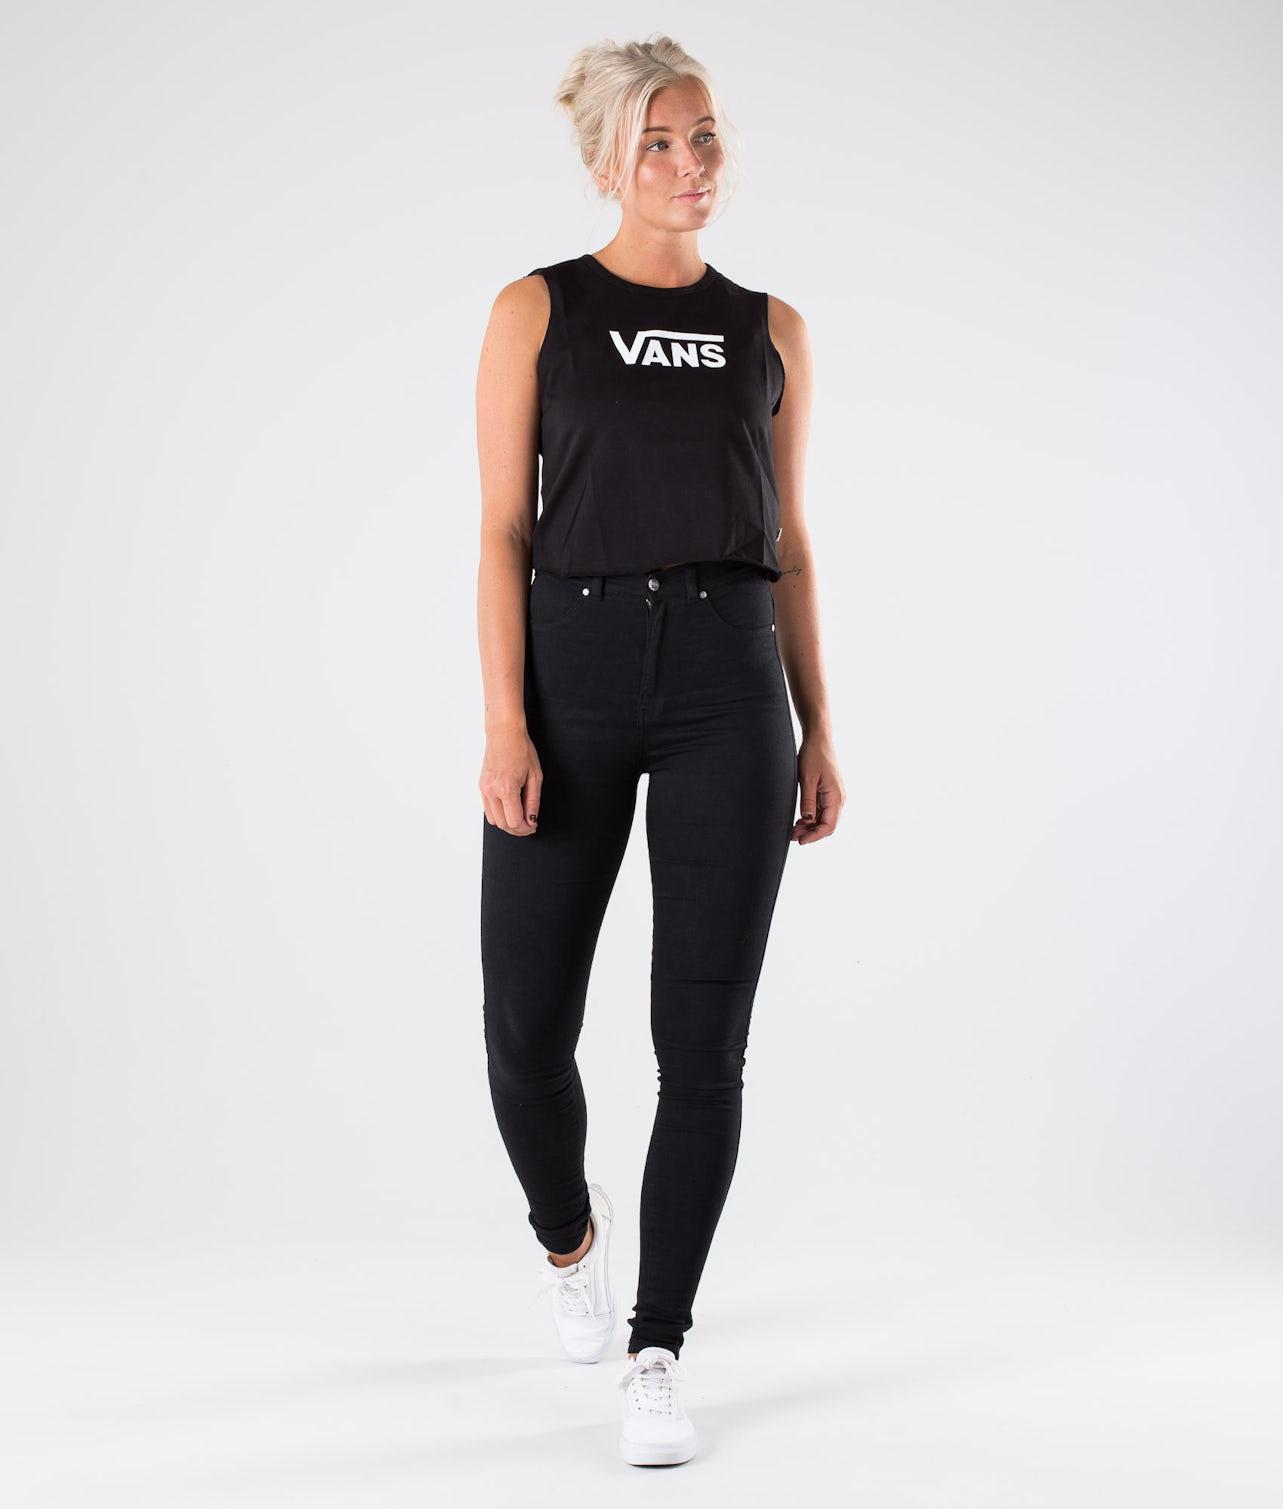 Kjøp Flying V Classic Muscle T-shirt fra Vans på Ridestore.no - Hos oss har du alltid fri frakt, fri retur og 30 dagers åpent kjøp!